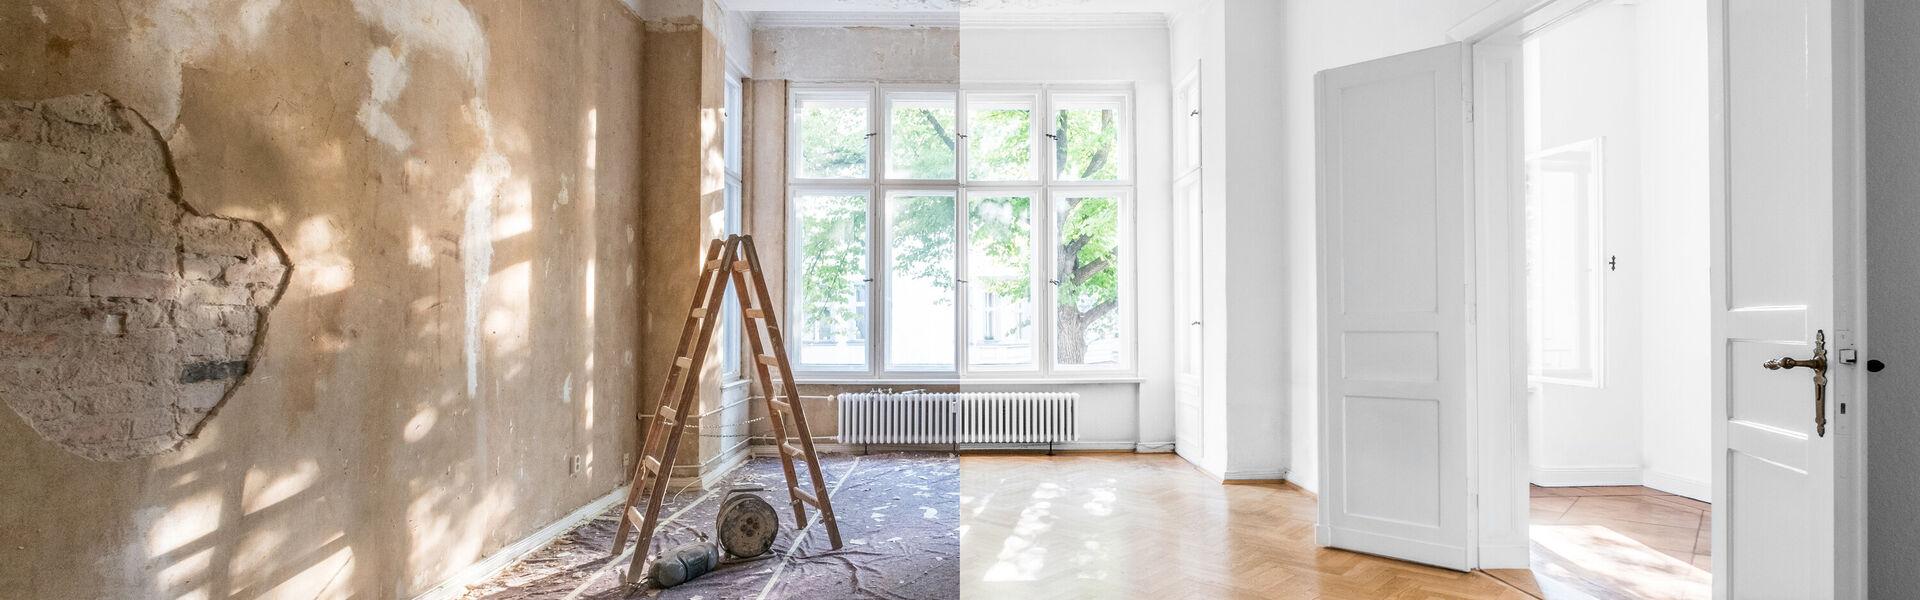 Welke 5 fouten moet je vermijden bij het indelen van je woning?